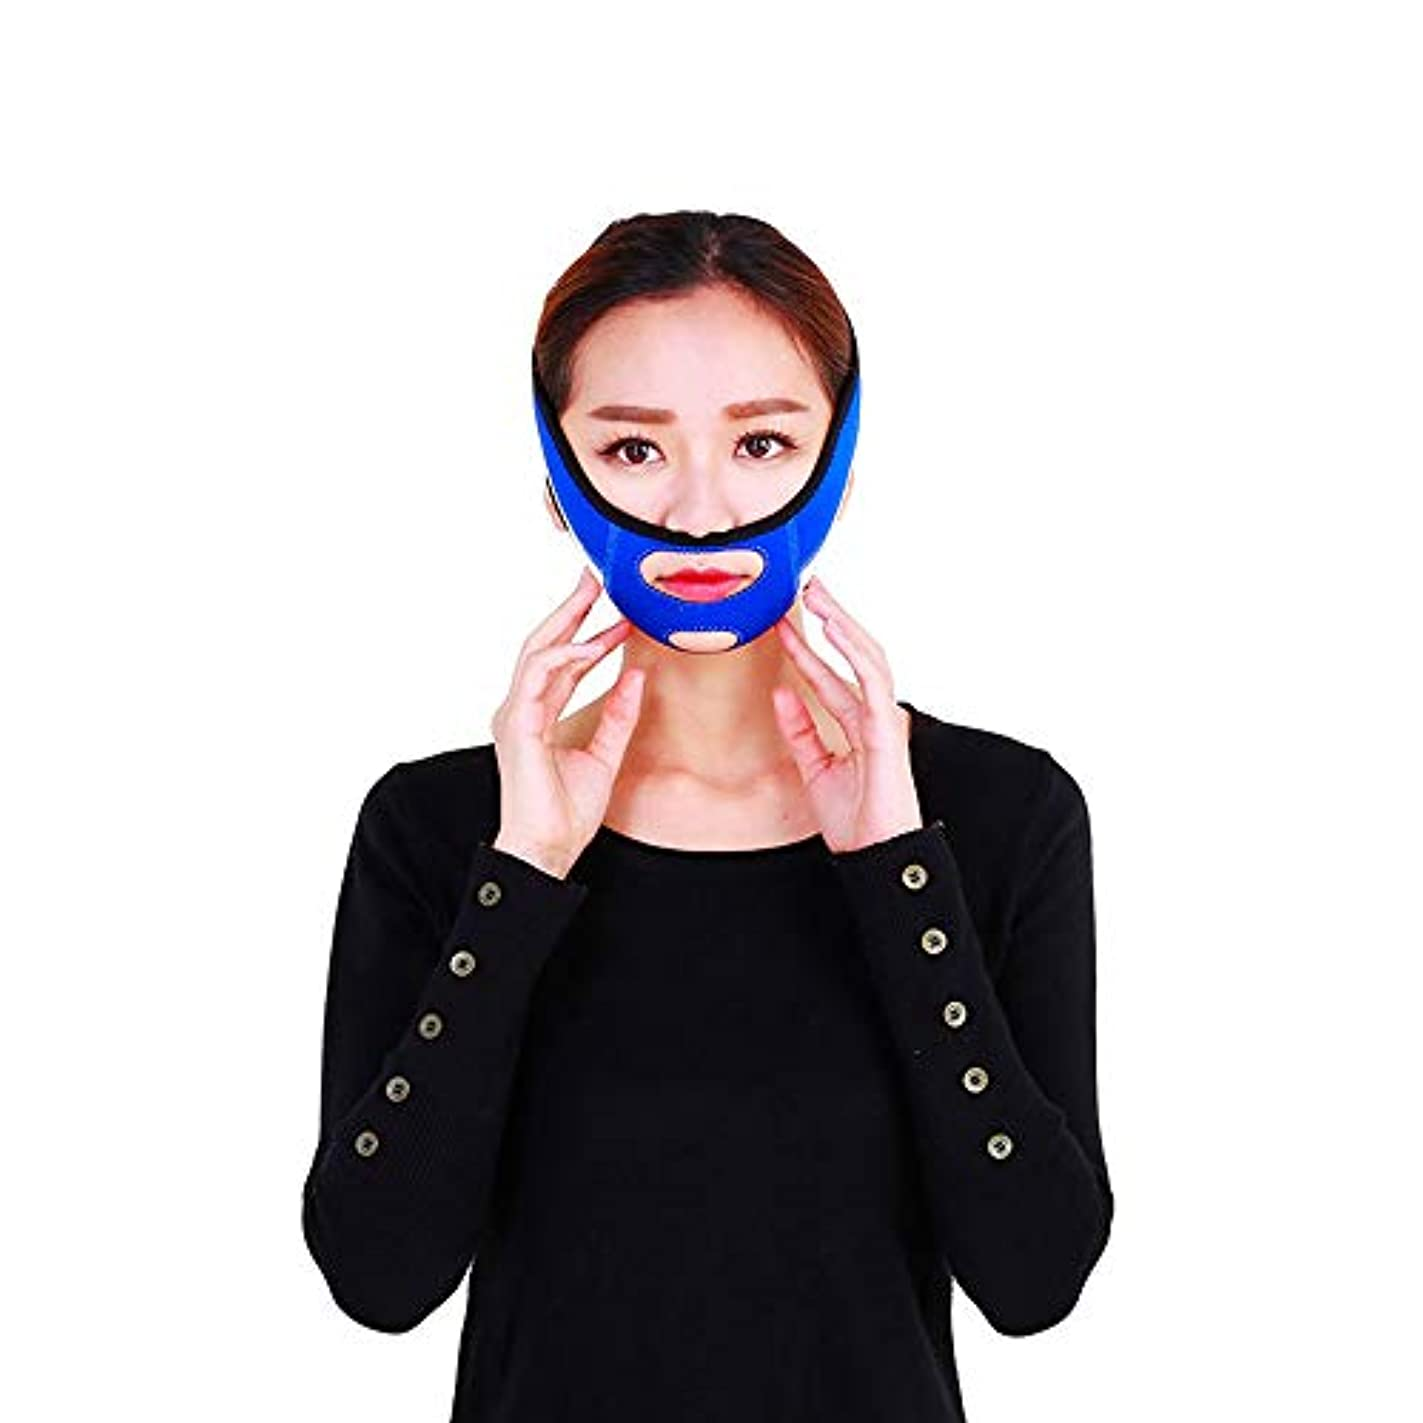 配管メタルラインポジティブフェイスリフトベルト 顔を持ち上げるベルト - 顔を持ち上げる包帯は、上顎顔面修正ツールを強力に強化し、顔面マスクのV字形の人工物